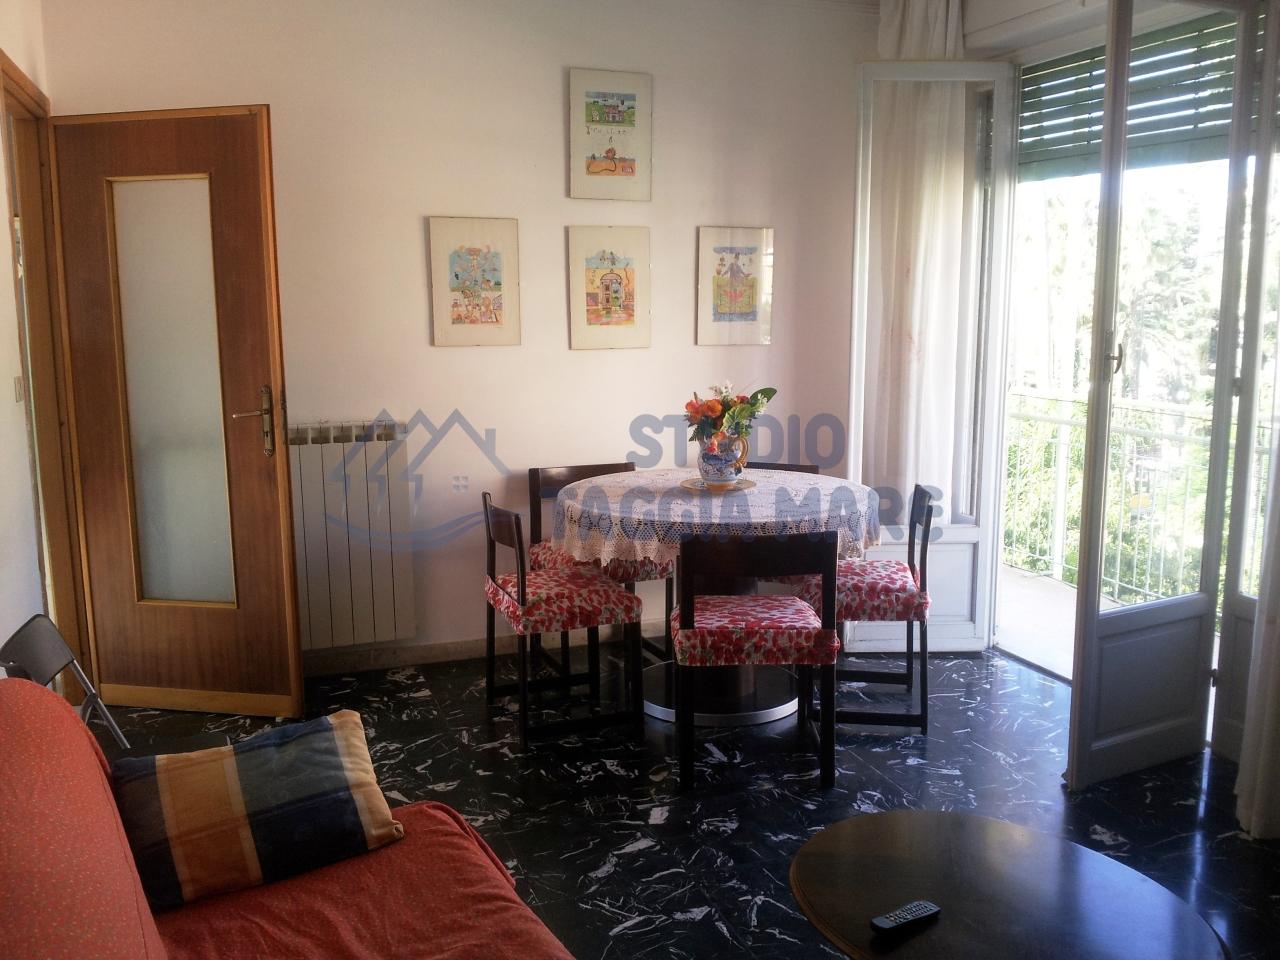 Appartamento in vendita a Taggia, 4 locali, prezzo € 220.000 | Cambio Casa.it